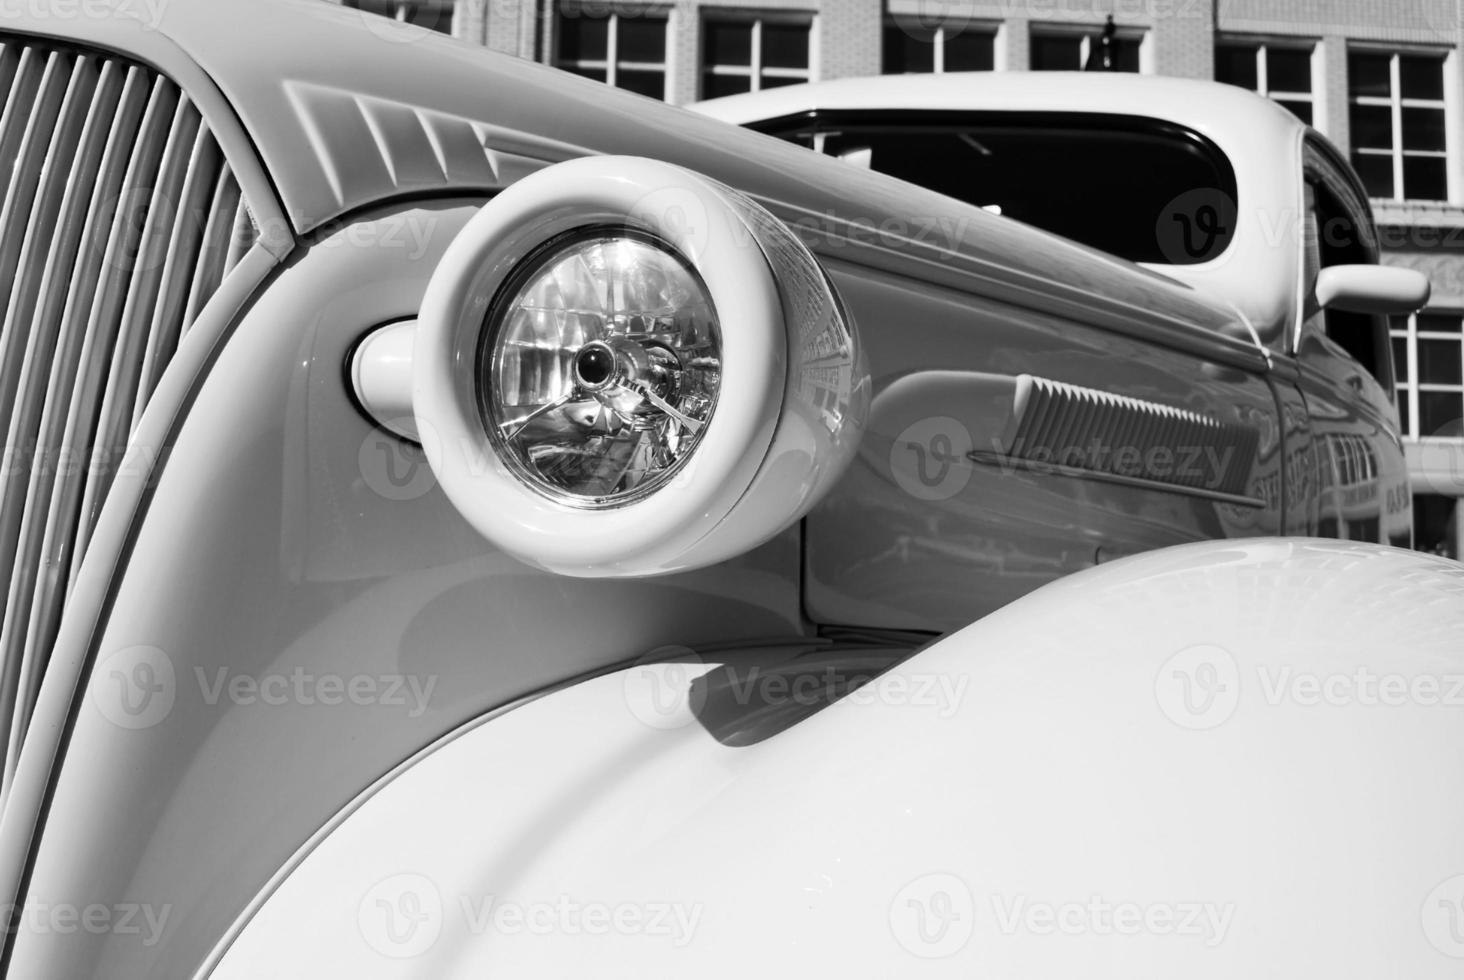 Chevy Limousine Hot Rod in schwarz und weiß foto